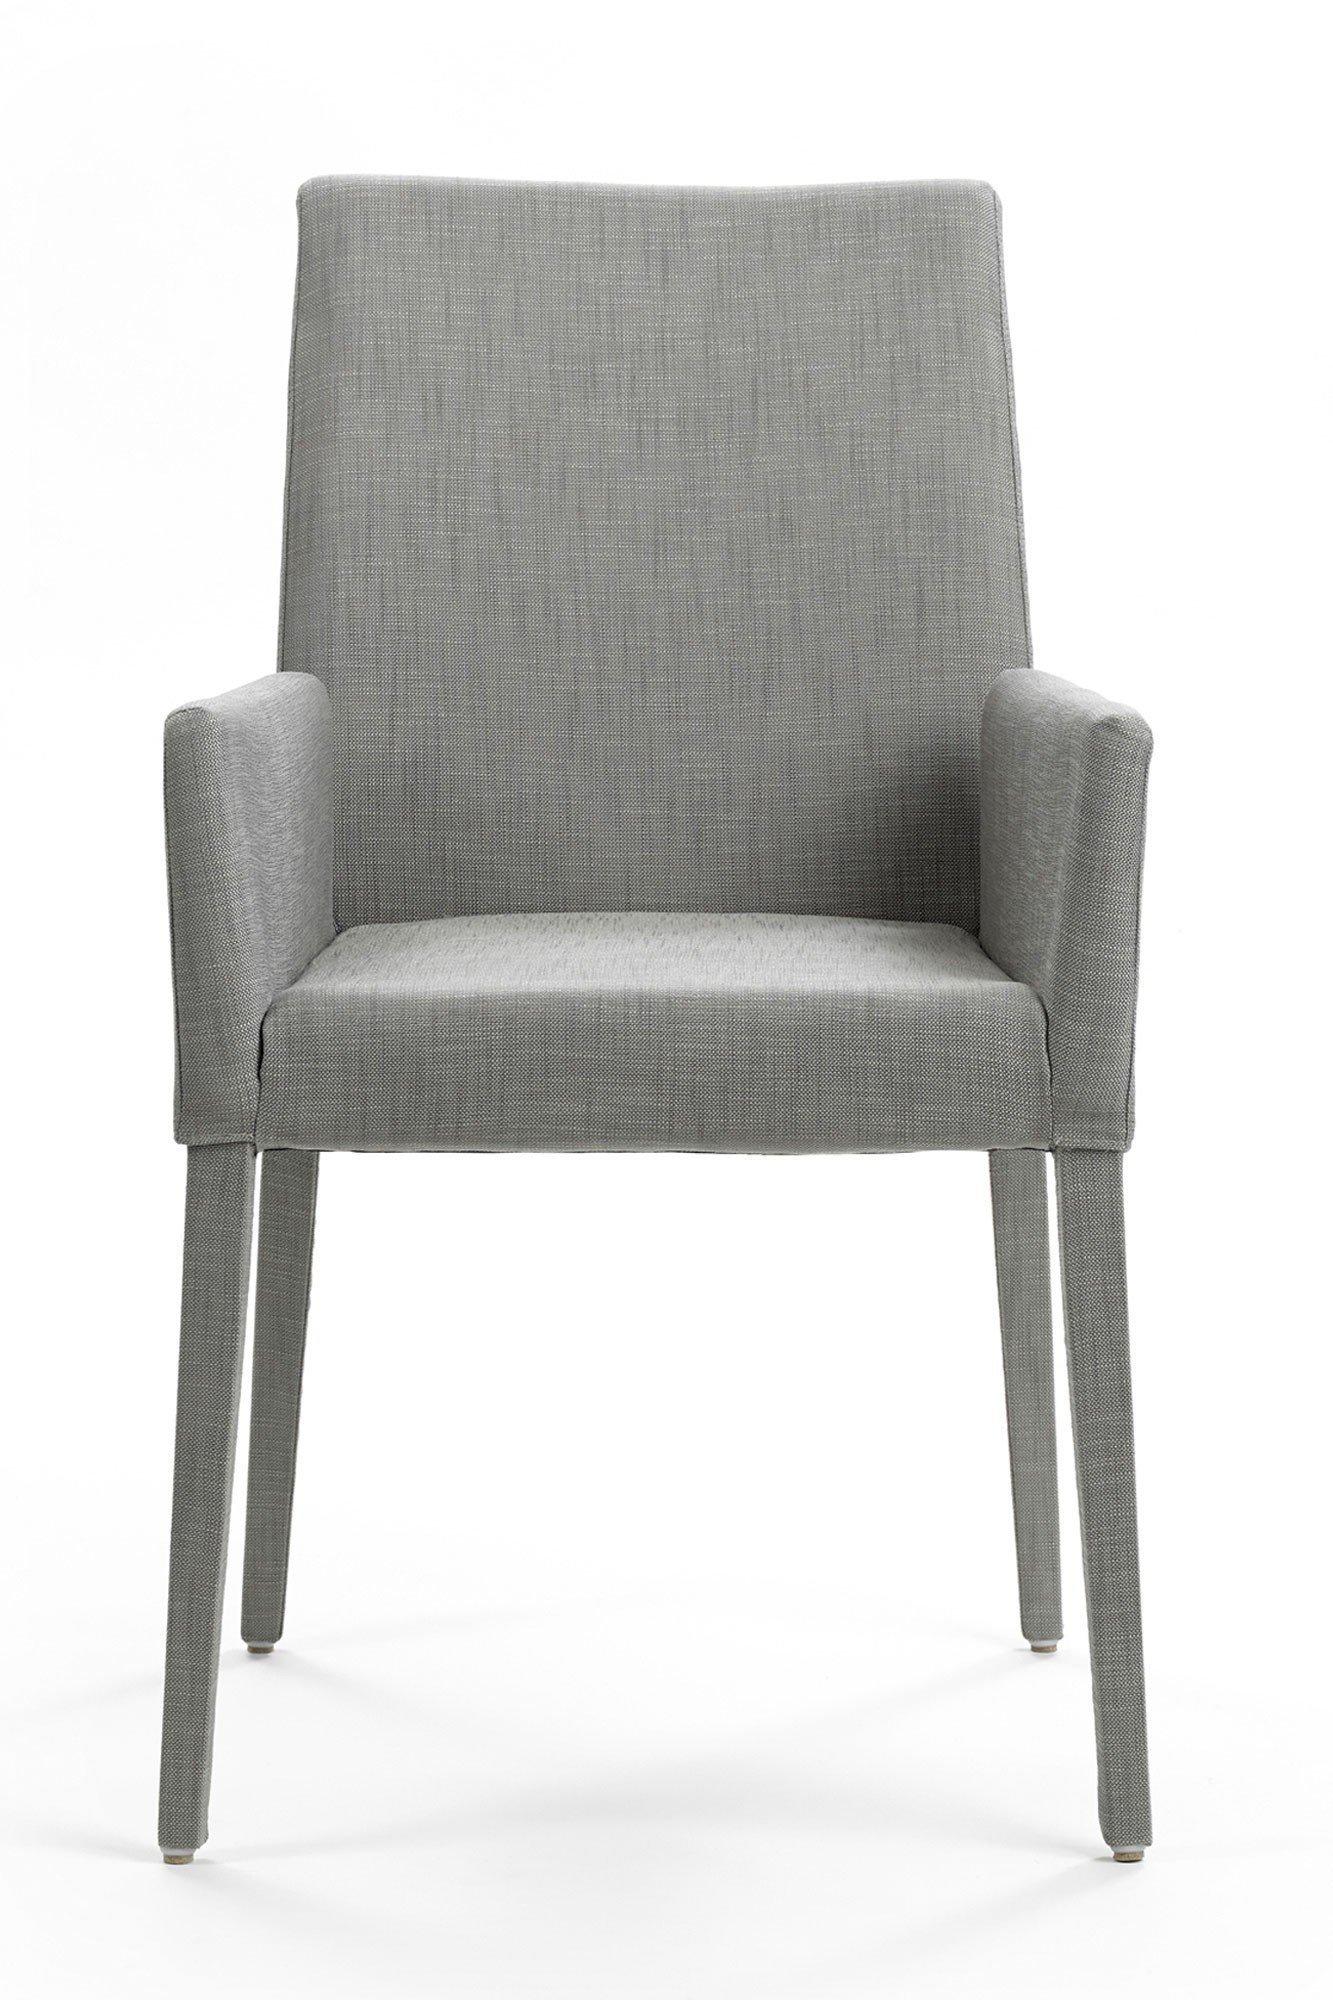 mobitec stuhl slimm cover mit armlehnen und hoher lehne m bel letz ihr online shop. Black Bedroom Furniture Sets. Home Design Ideas